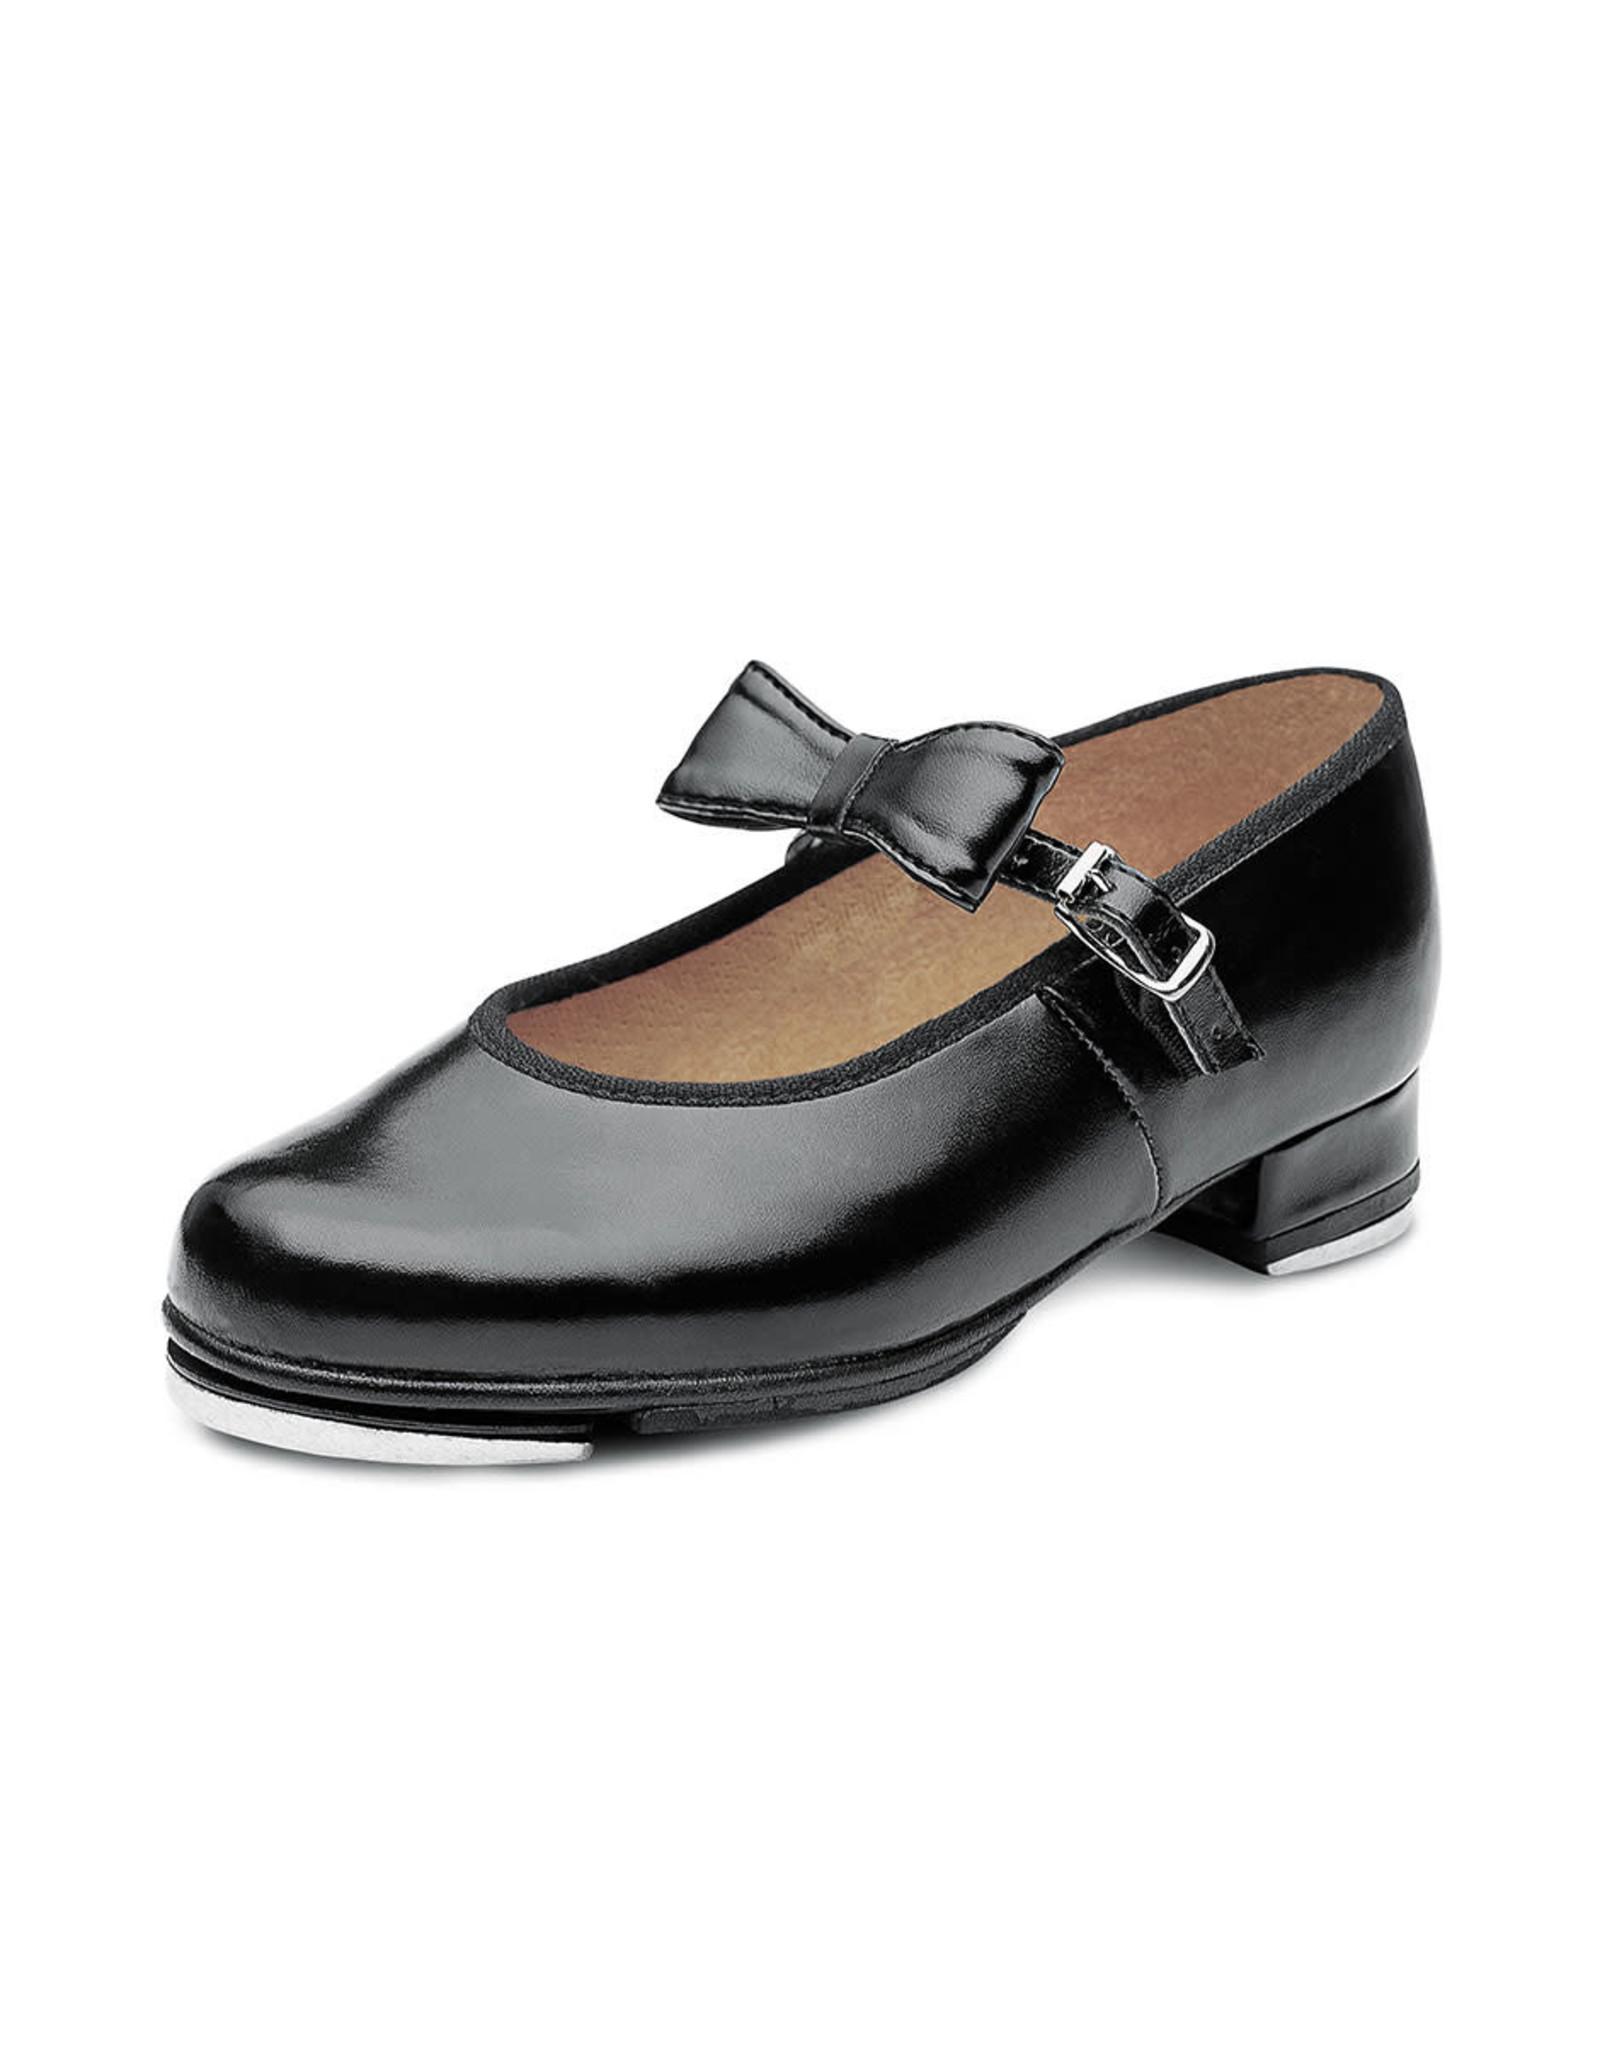 Bloch S0352G Merry Jane Tap Shoe BLACK